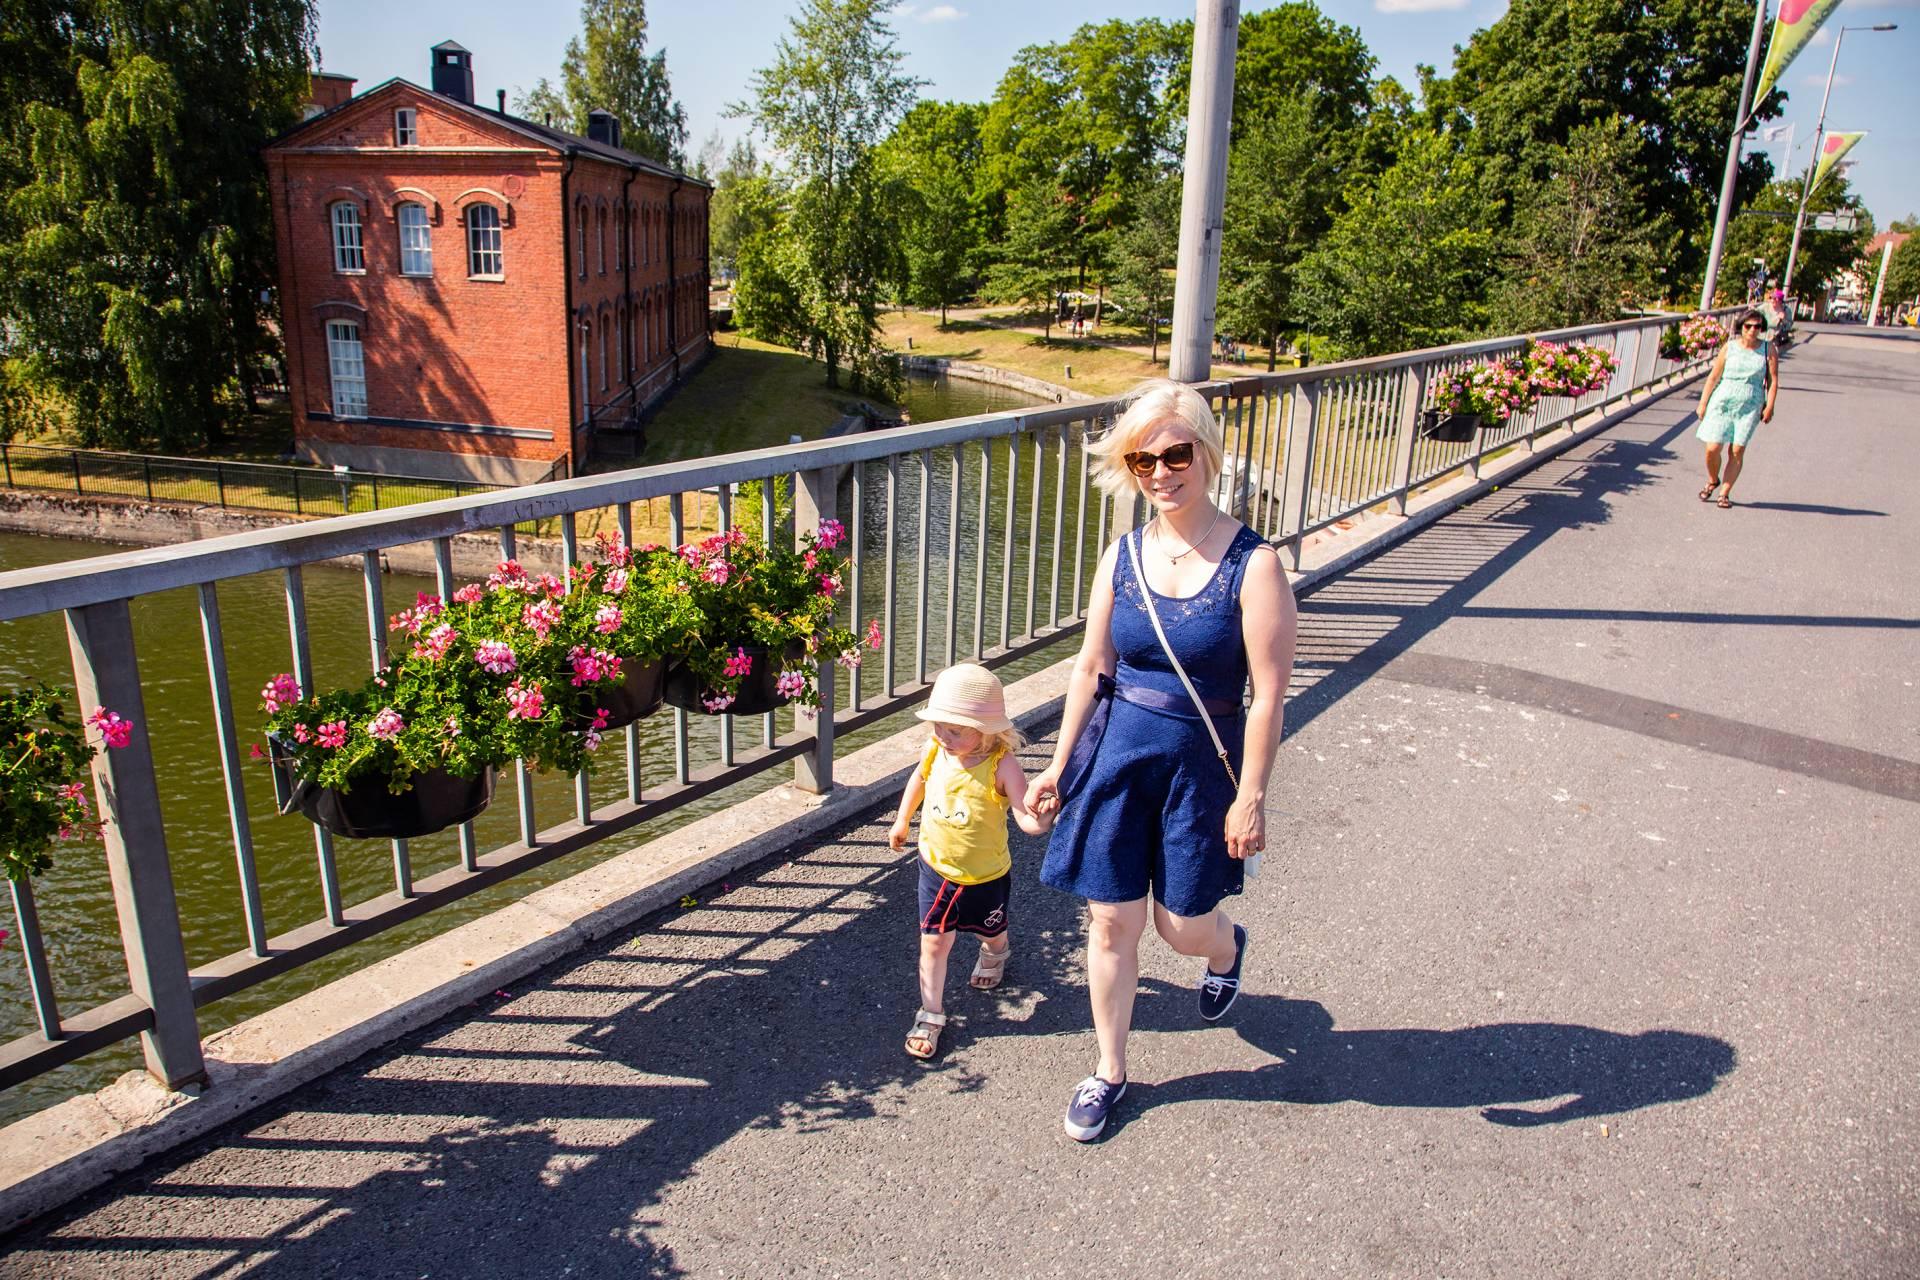 Nainen ja tyttö kävelee Valkeakosken keskustassa sillalla Myllysaaren edustalla